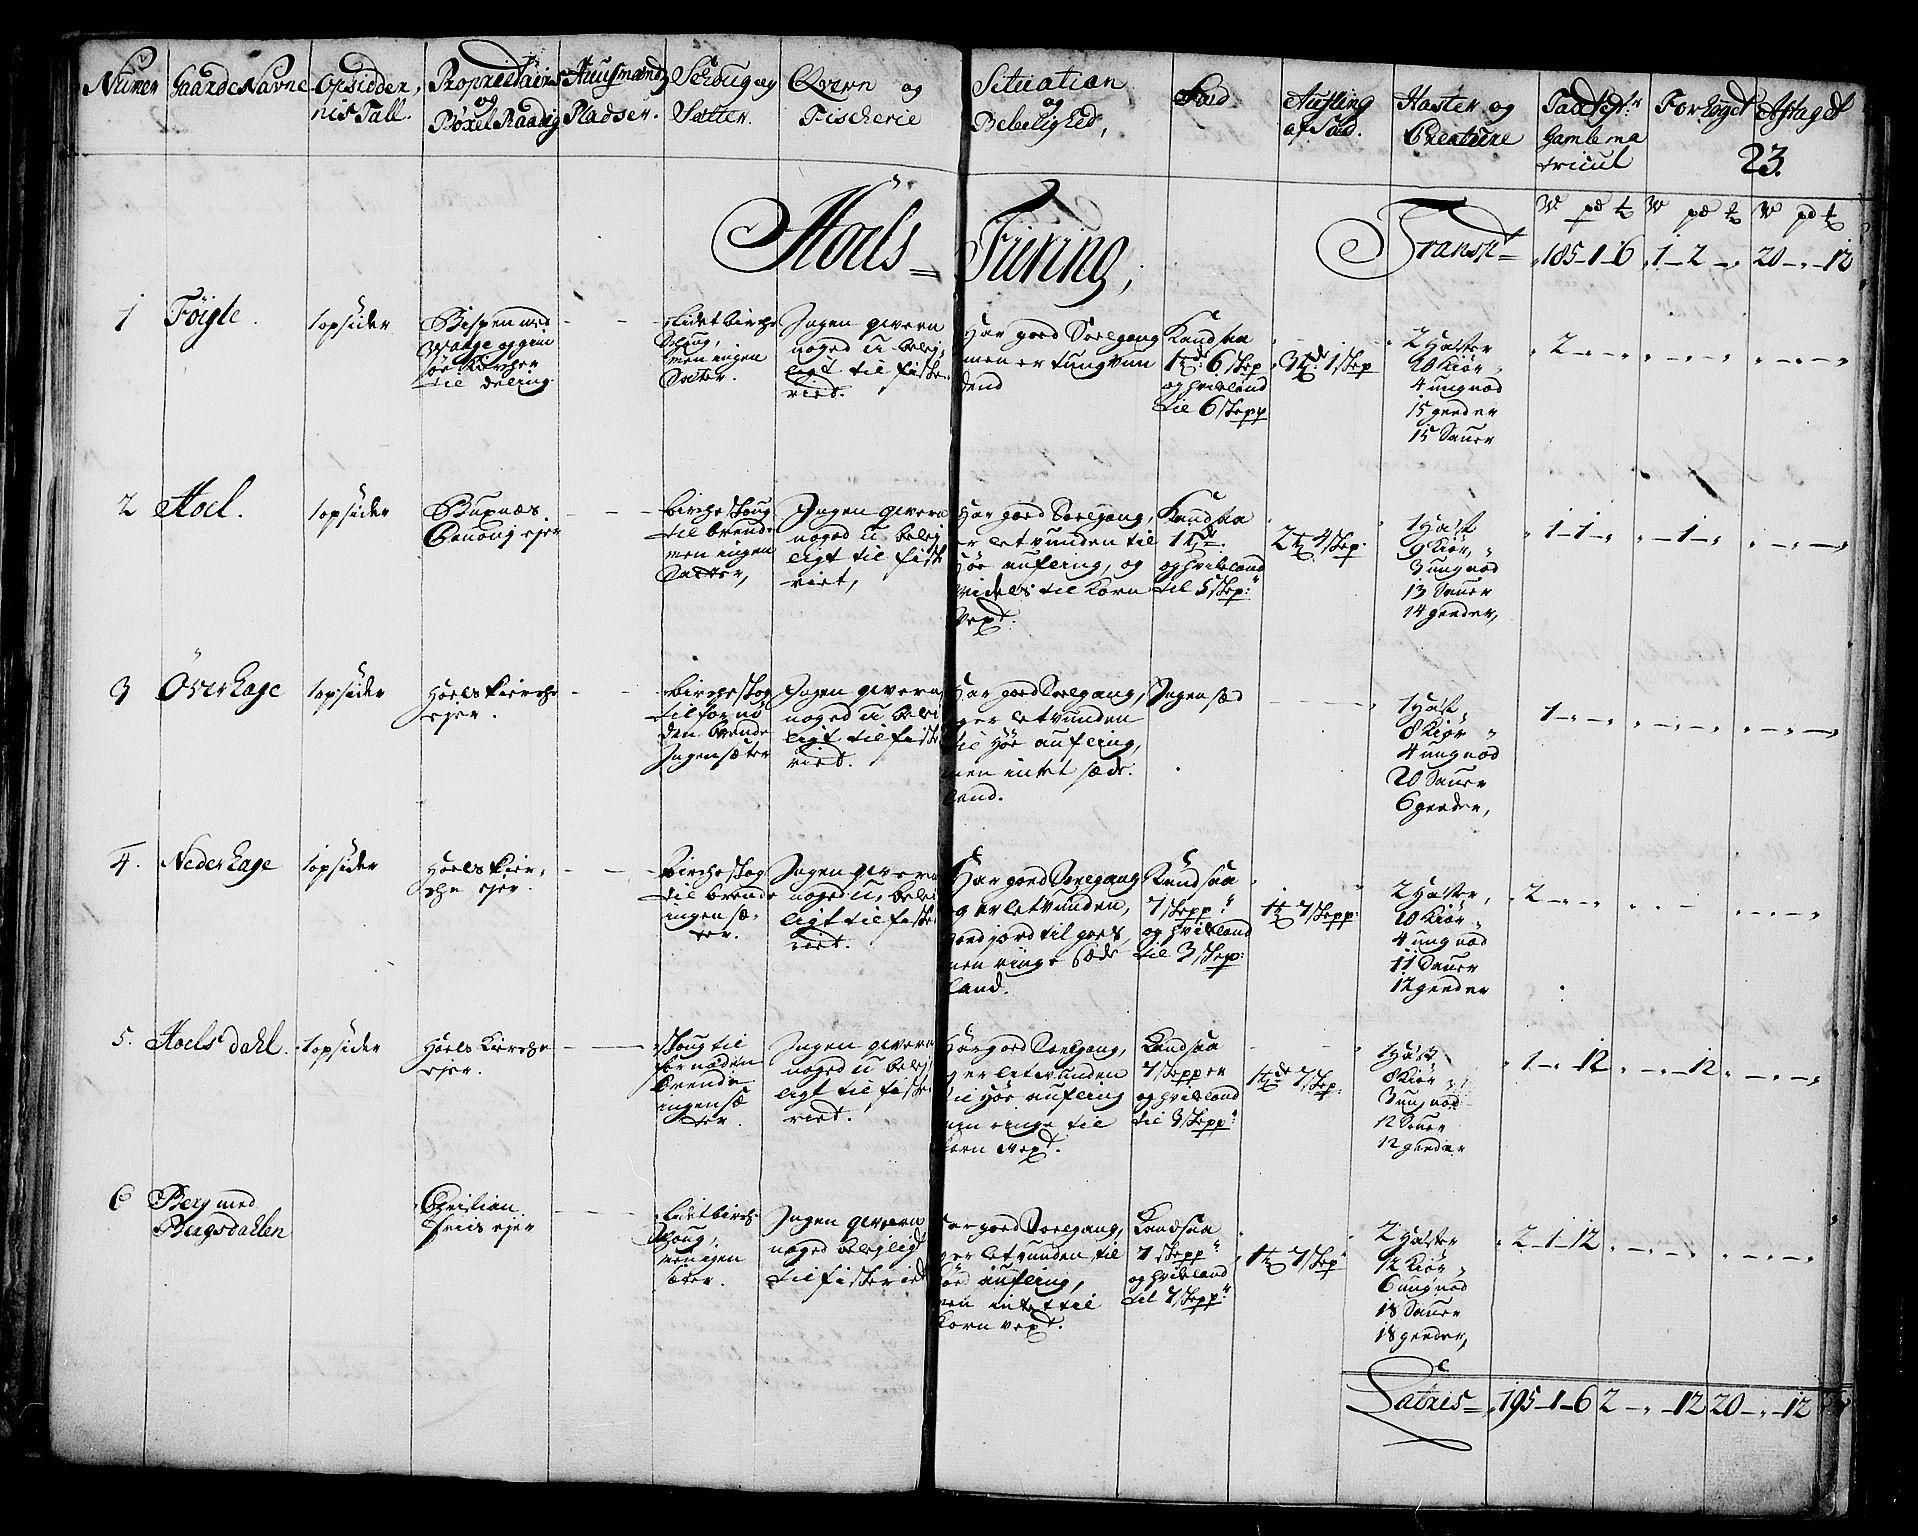 RA, Rentekammeret inntil 1814, Realistisk ordnet avdeling, N/Nb/Nbf/L0174: Lofoten eksaminasjonsprotokoll, 1723, s. 22b-23a